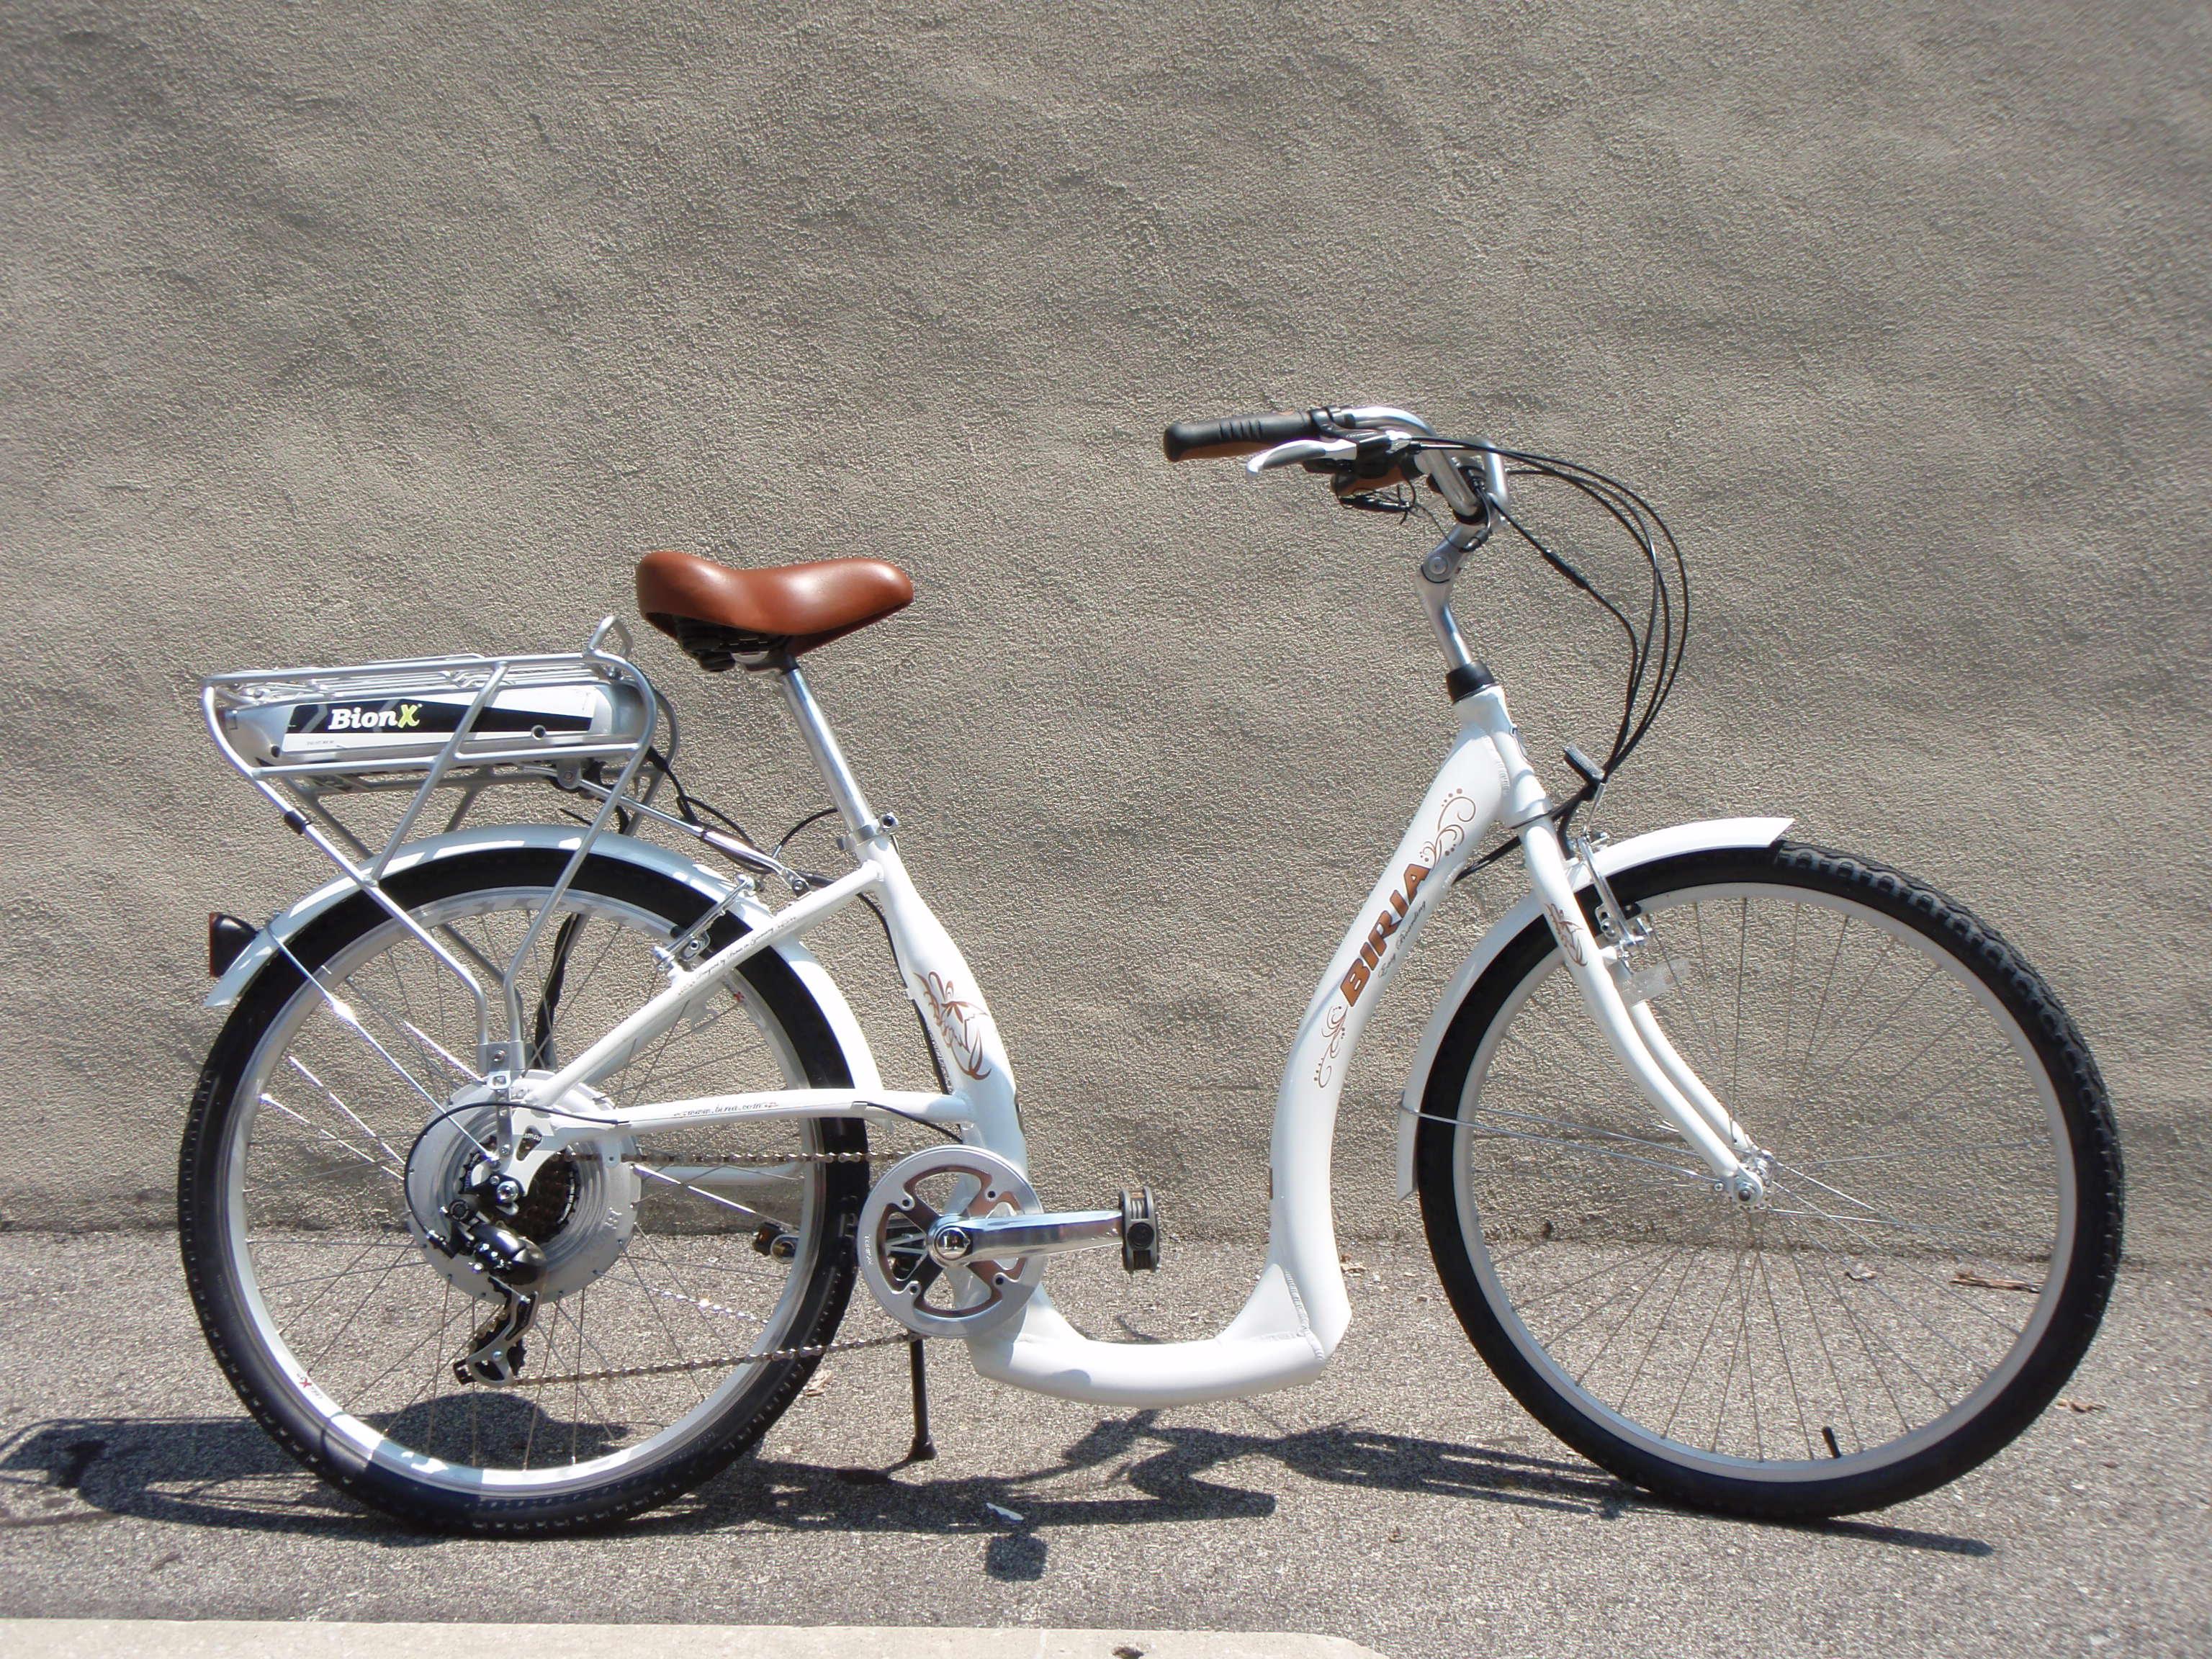 Bionx Conversion Ebike Gallery Electricbike Com